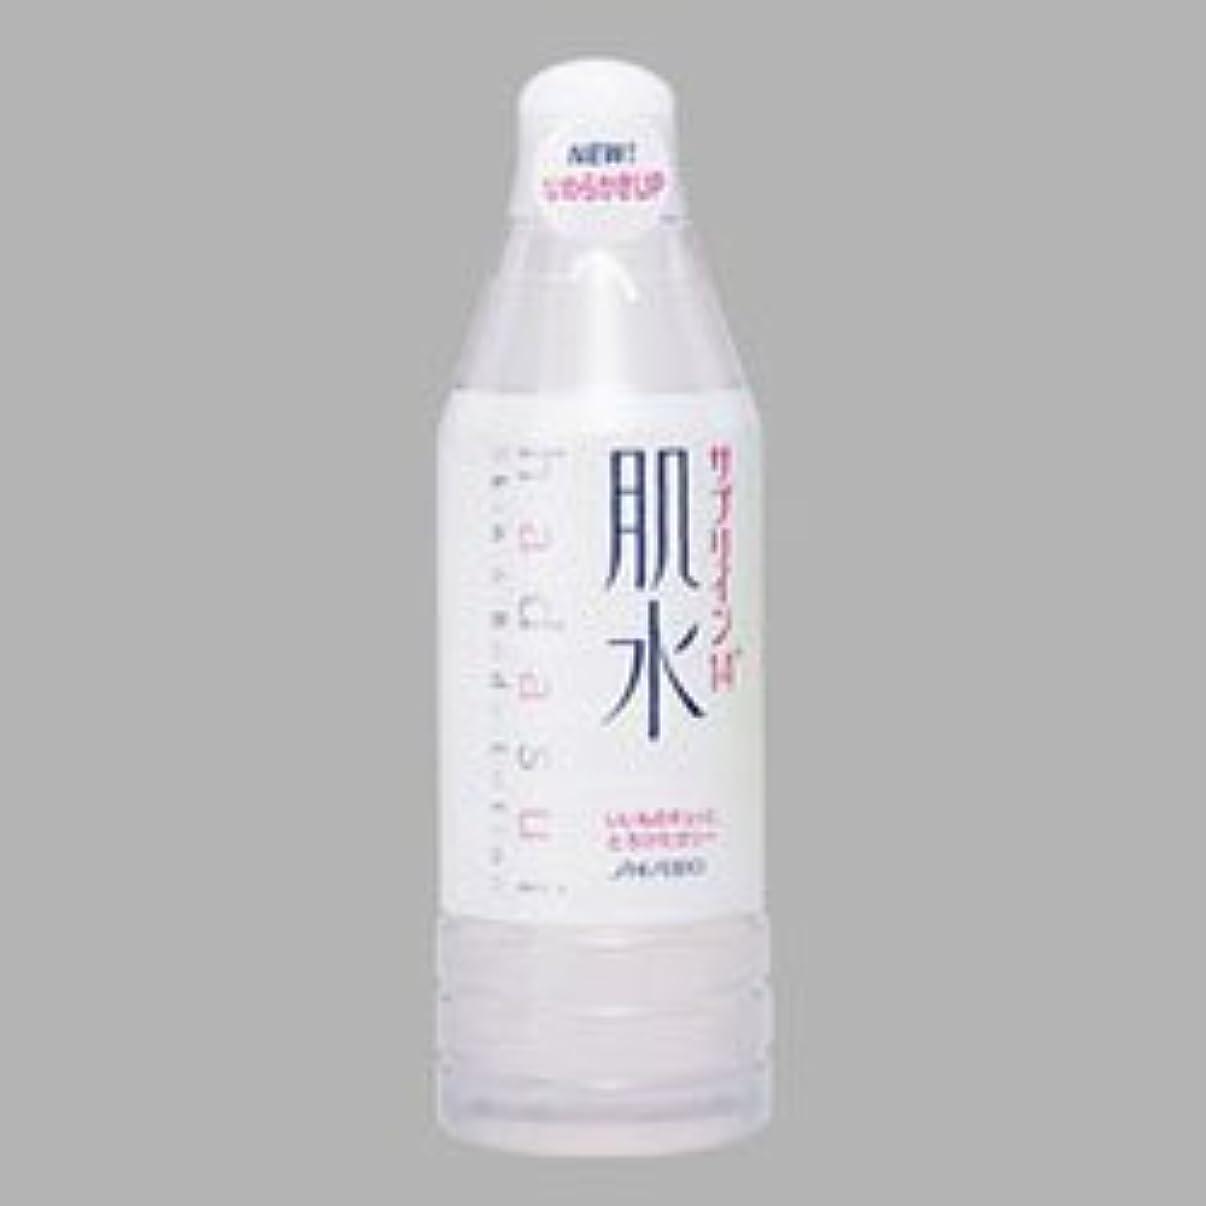 加速度悪因子然とした【エフティ資生堂】肌水サプリイン14+ (ボトル) 400ml☆☆ ×10個セット